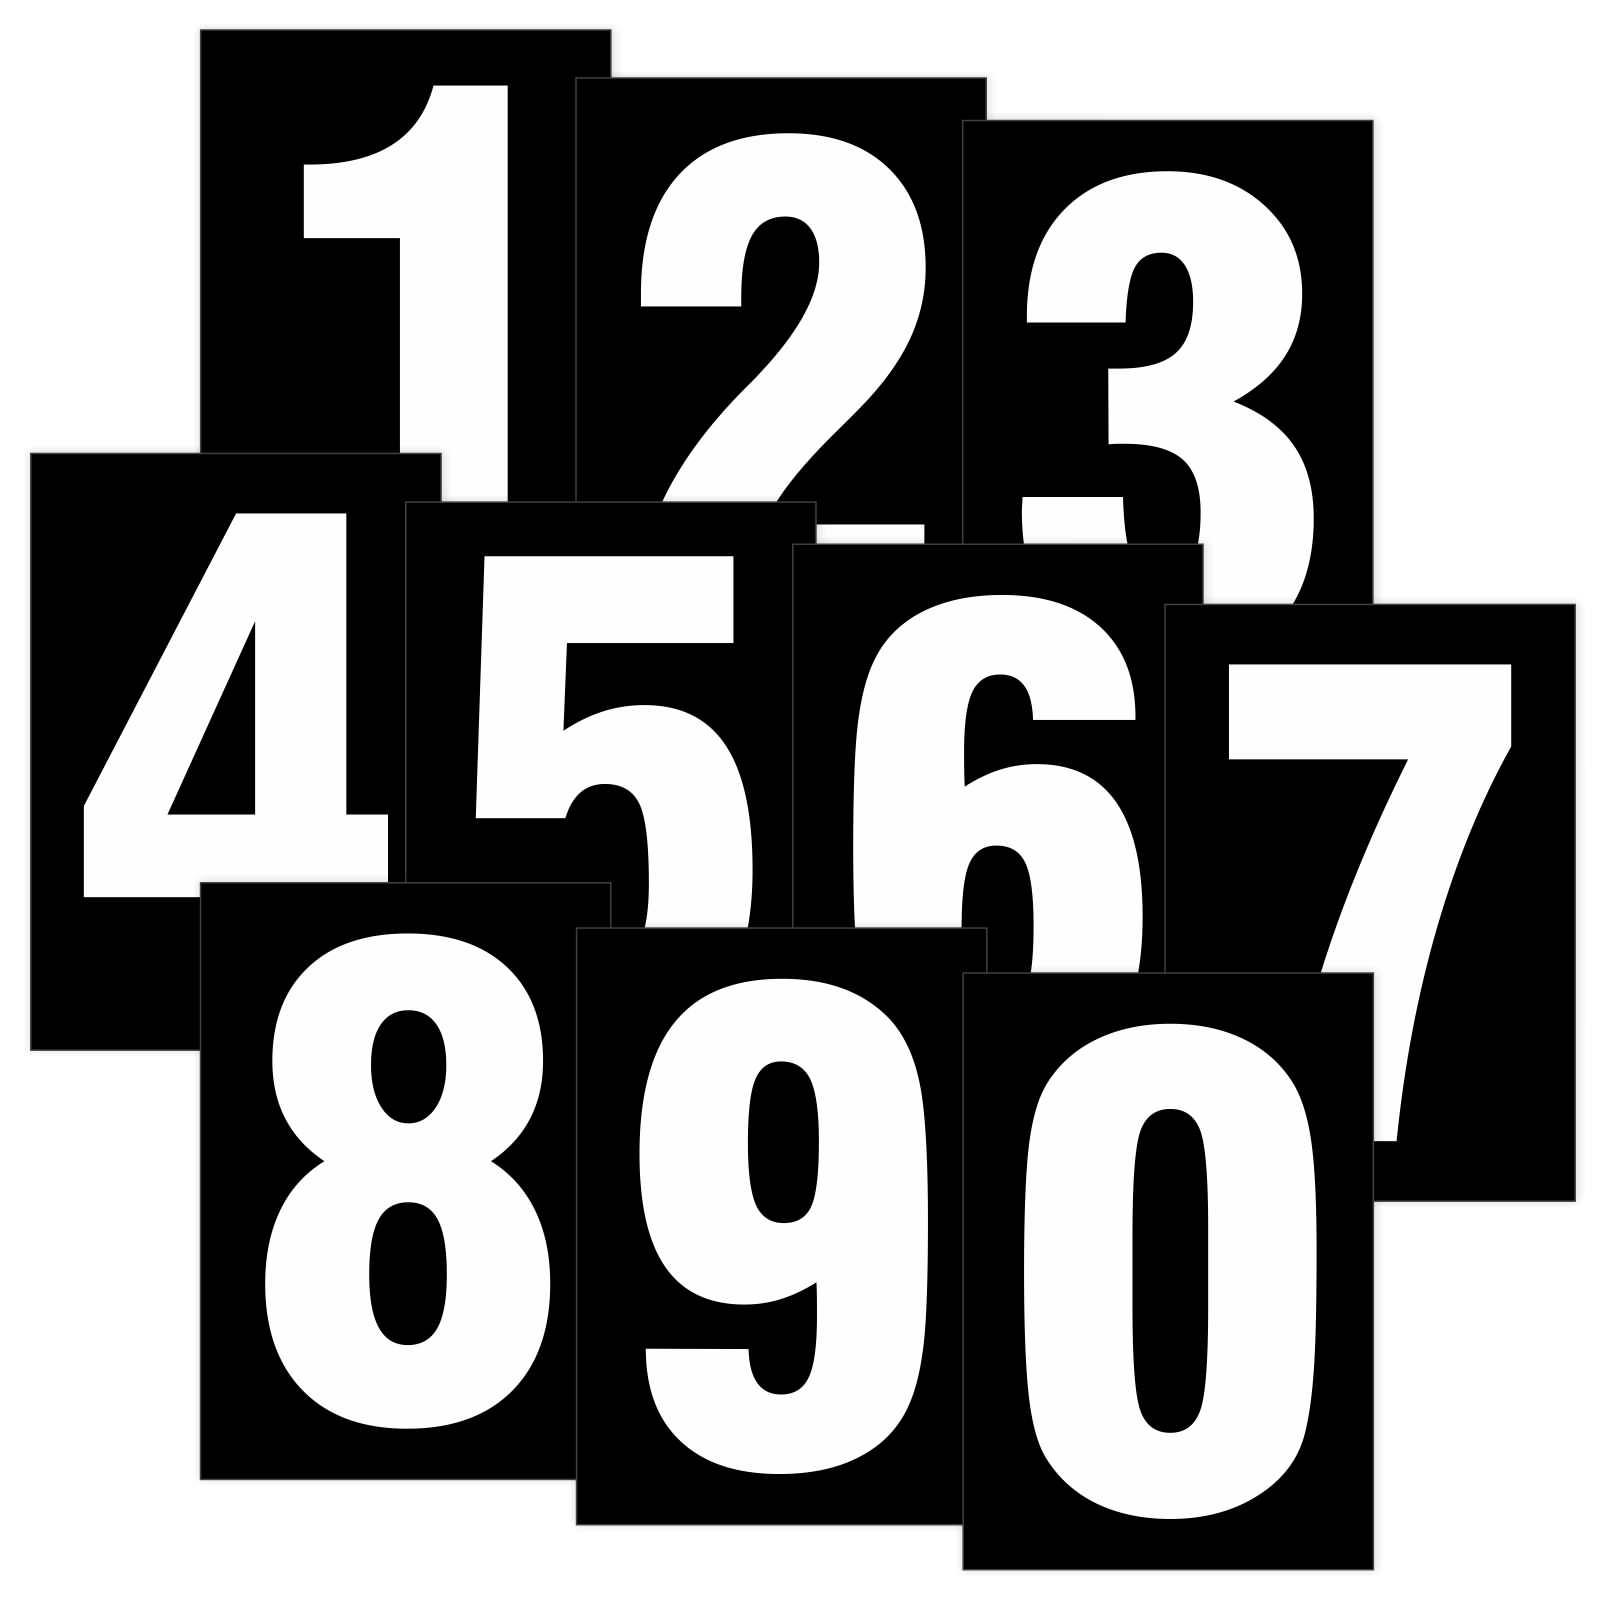 zahlen wei auf schwarz wetterfest als aufkleber klebezahlen regalbeschriftung 80 mm. Black Bedroom Furniture Sets. Home Design Ideas